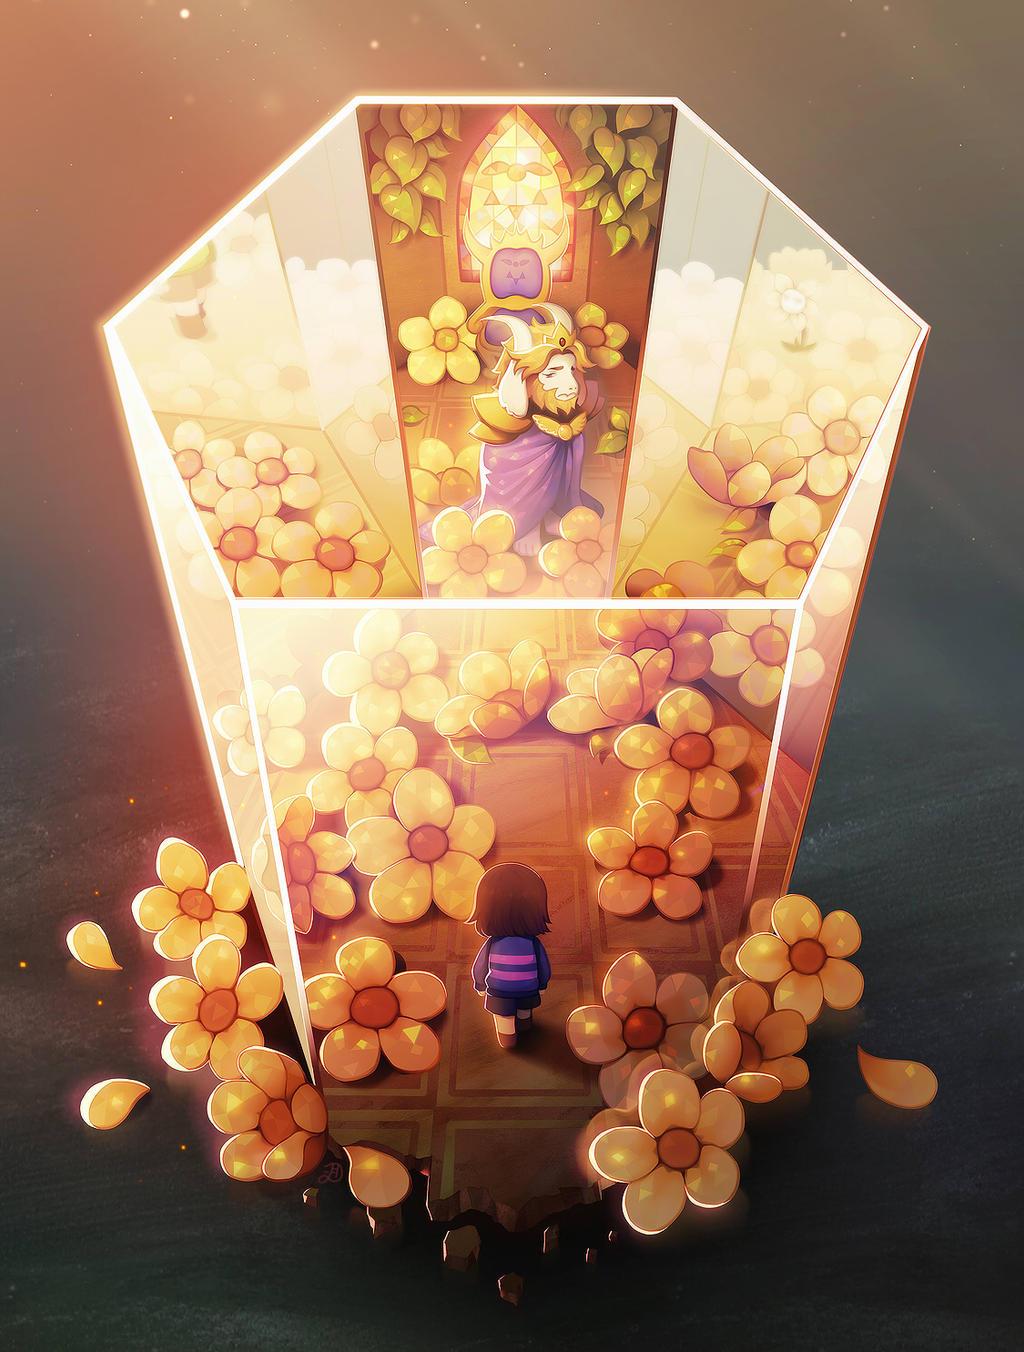 Asgore's throne room. by longestdistance